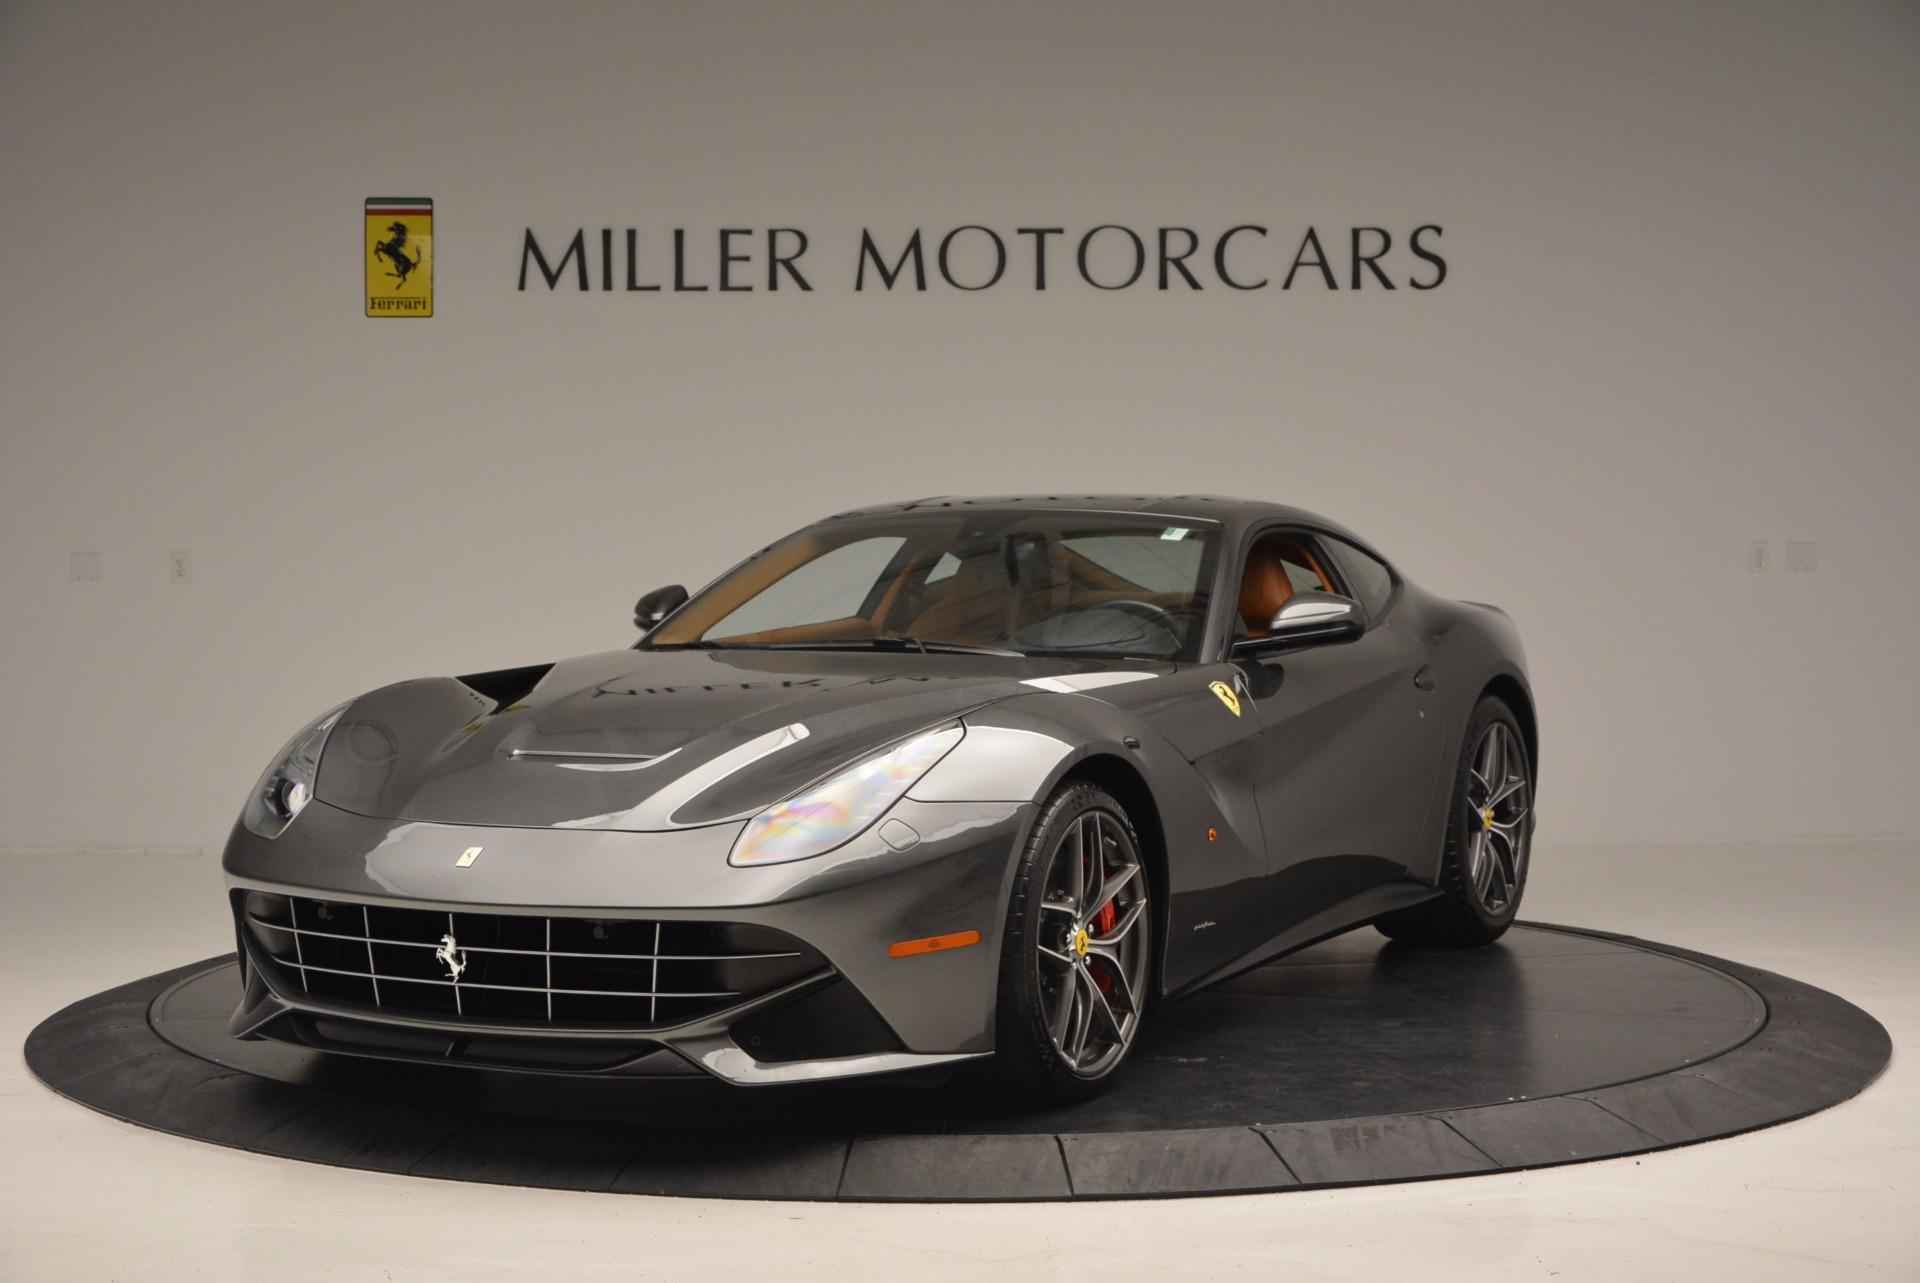 Used 2014 Ferrari F12 Berlinetta  For Sale In Greenwich, CT. Alfa Romeo of Greenwich, 4431 664_main